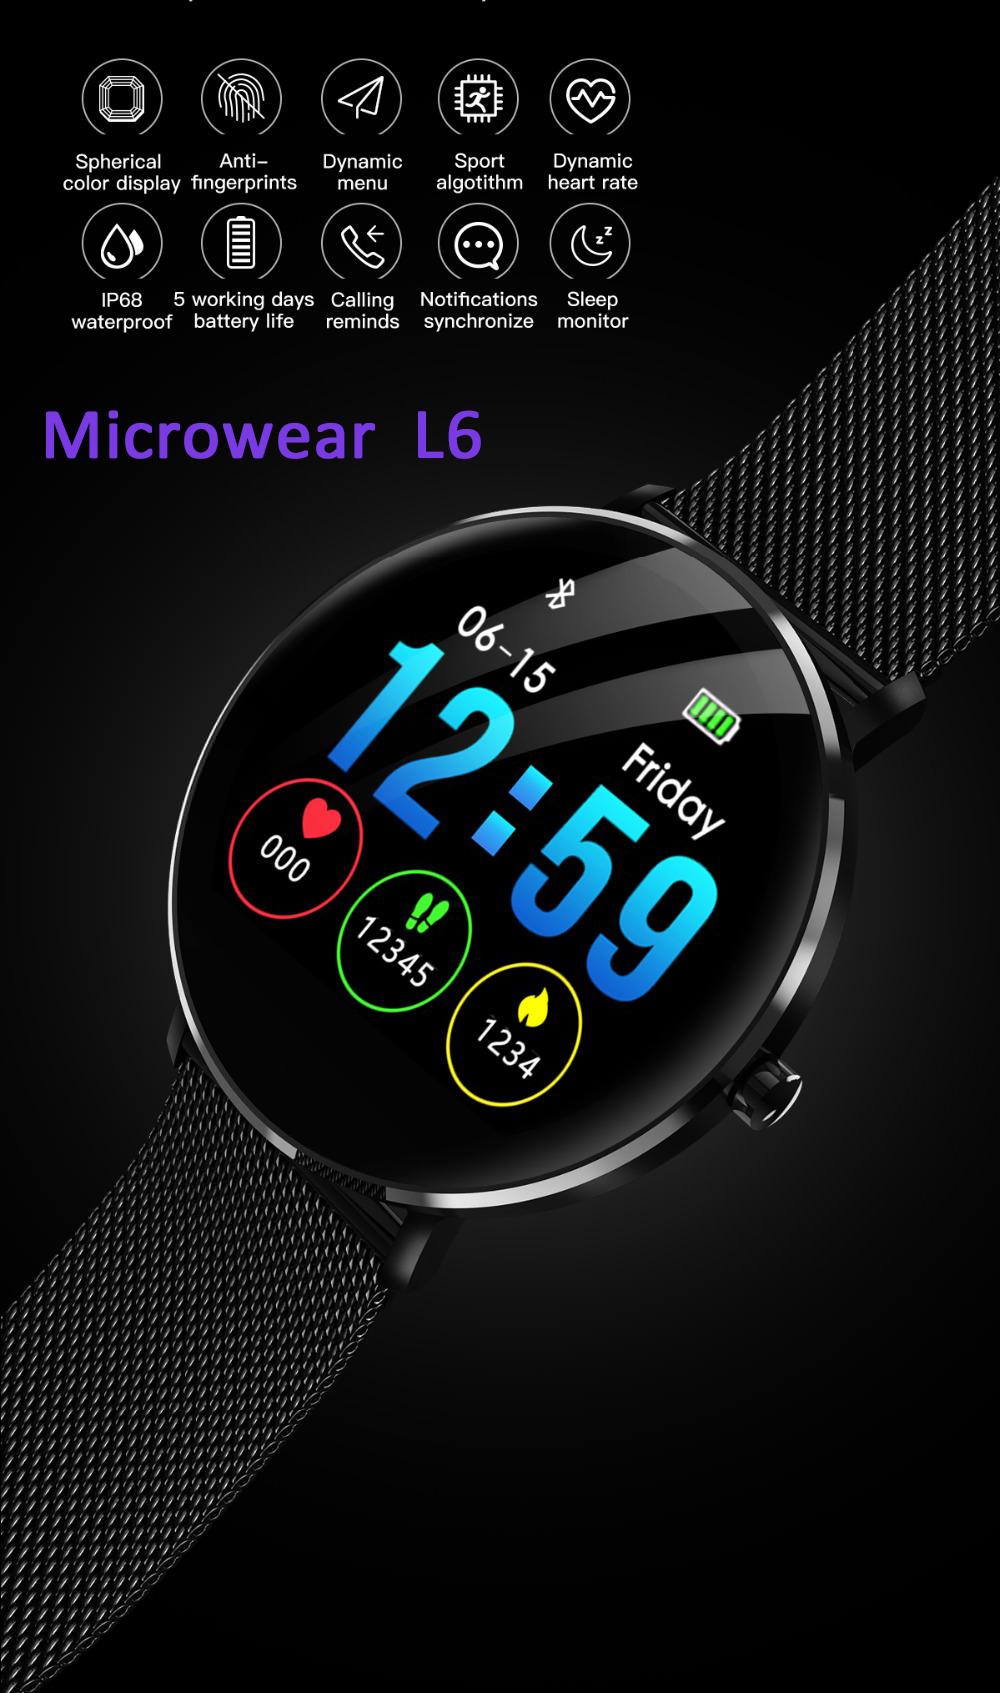 Microwear L6 Smartwatch.jpg